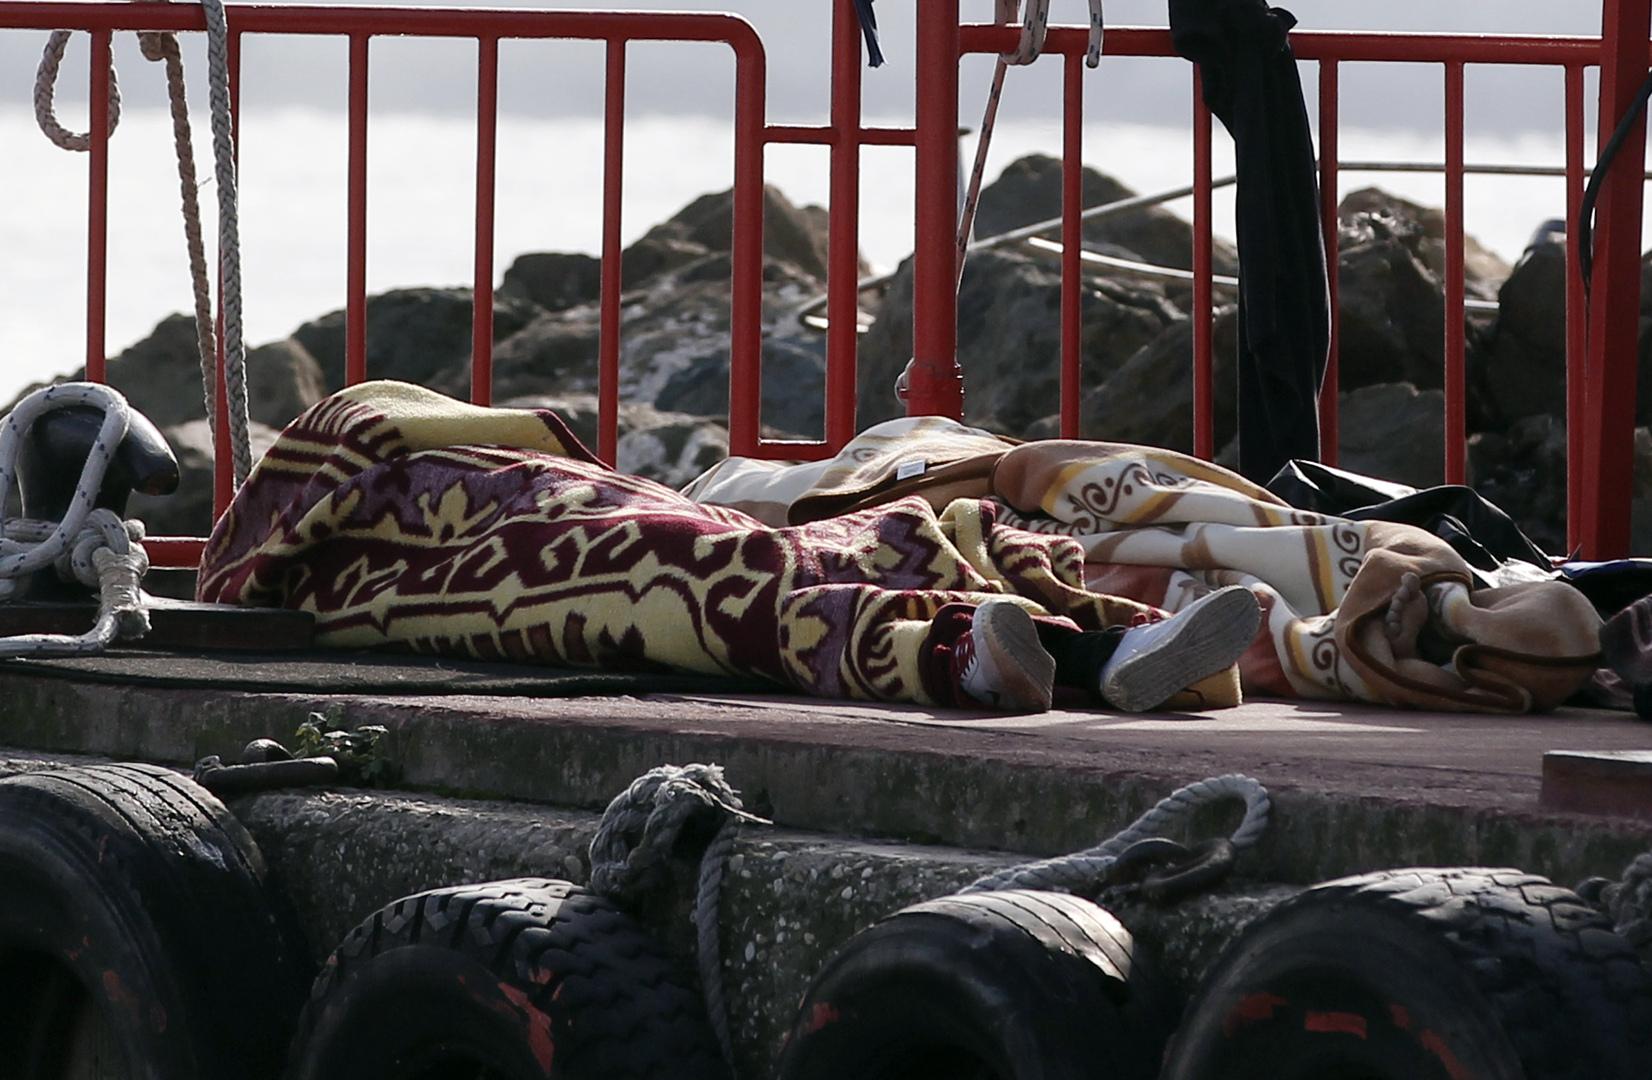 الأمم المتحدة: إنقاذ 125 طفلا قبالة ليبيا كانوا متجهين بقارب إلى أوروبا